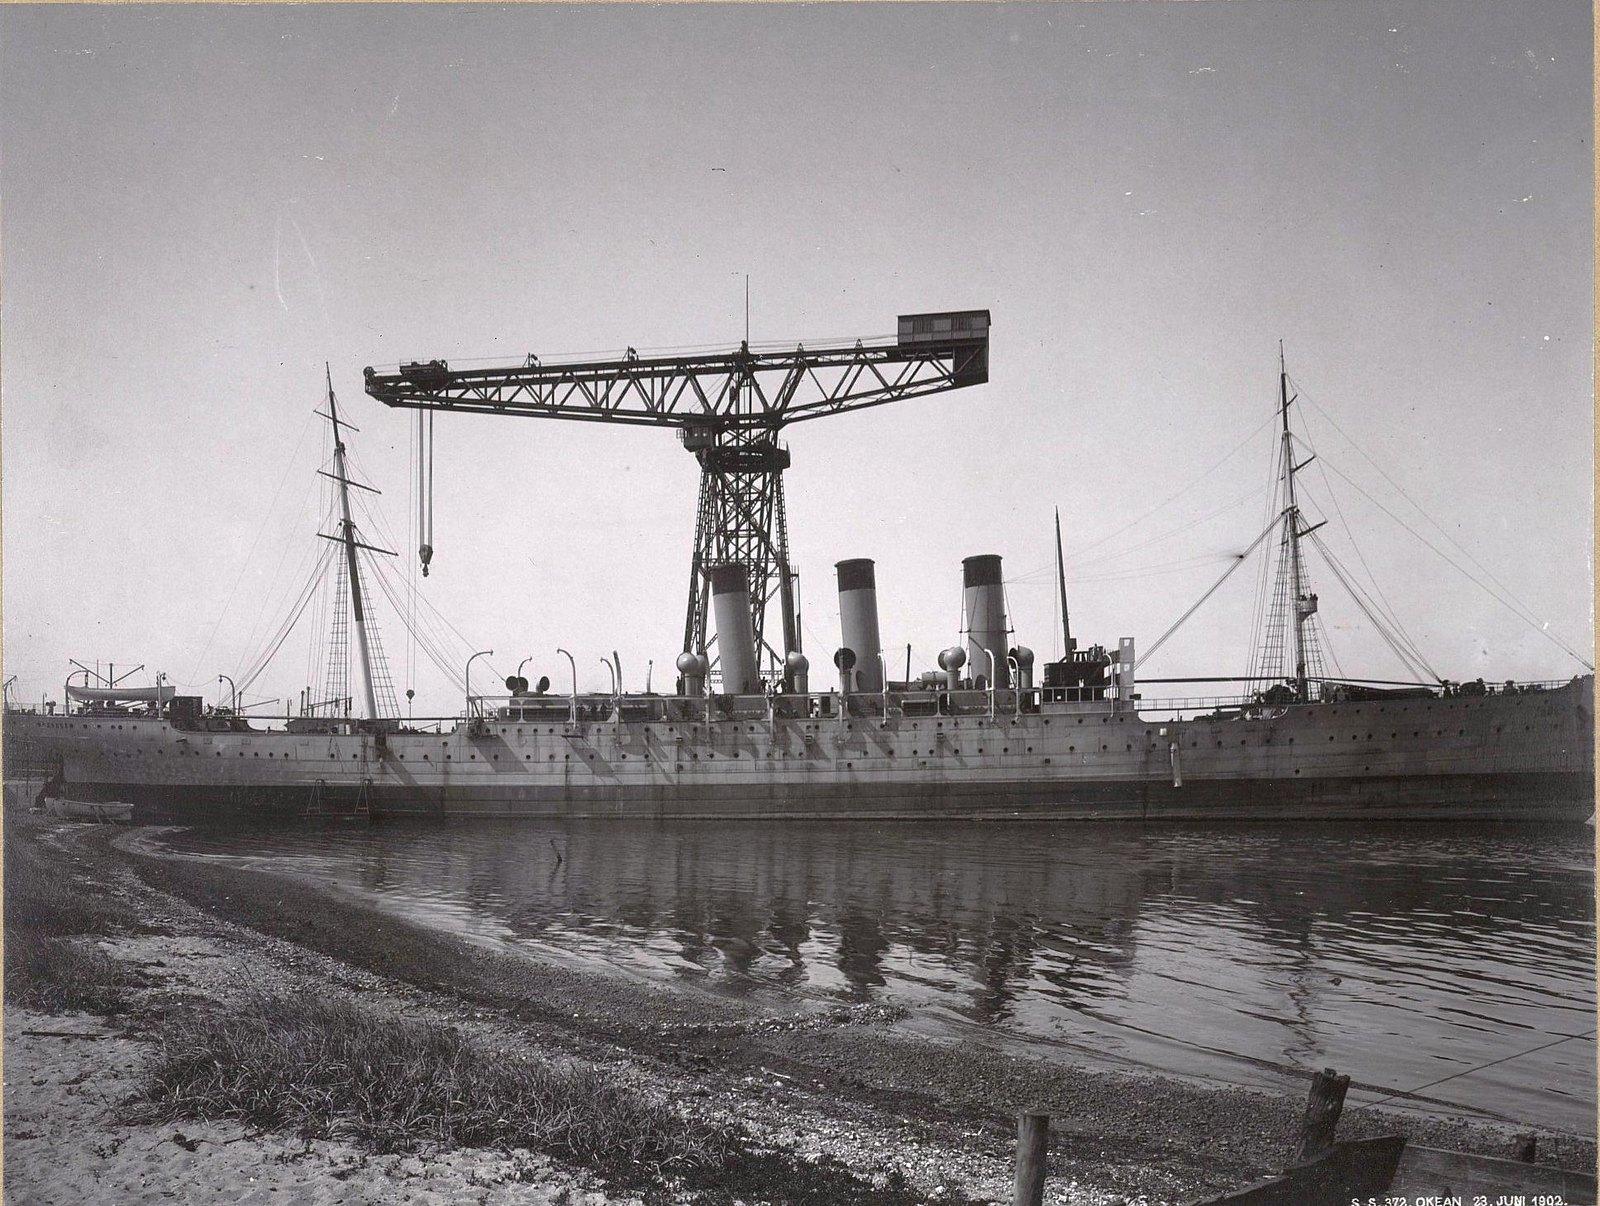 33. Учебное судно «Океан» в порту. 23 июня 1902 г.